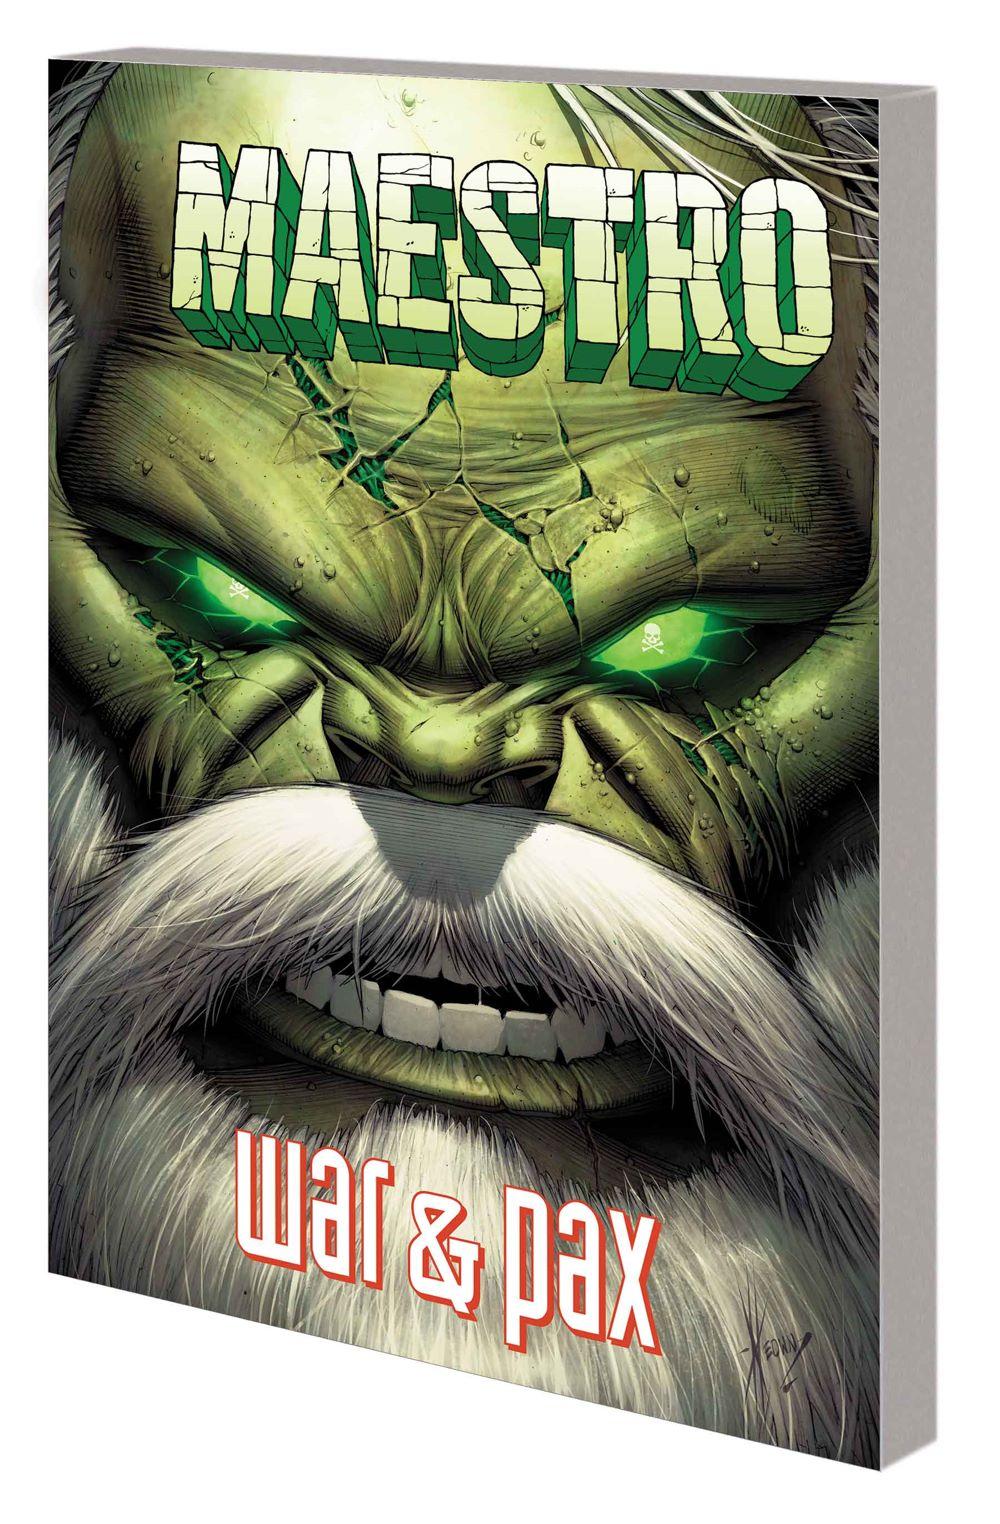 MAESTROWAP_TPB Marvel Comics June 2021 Solicitations